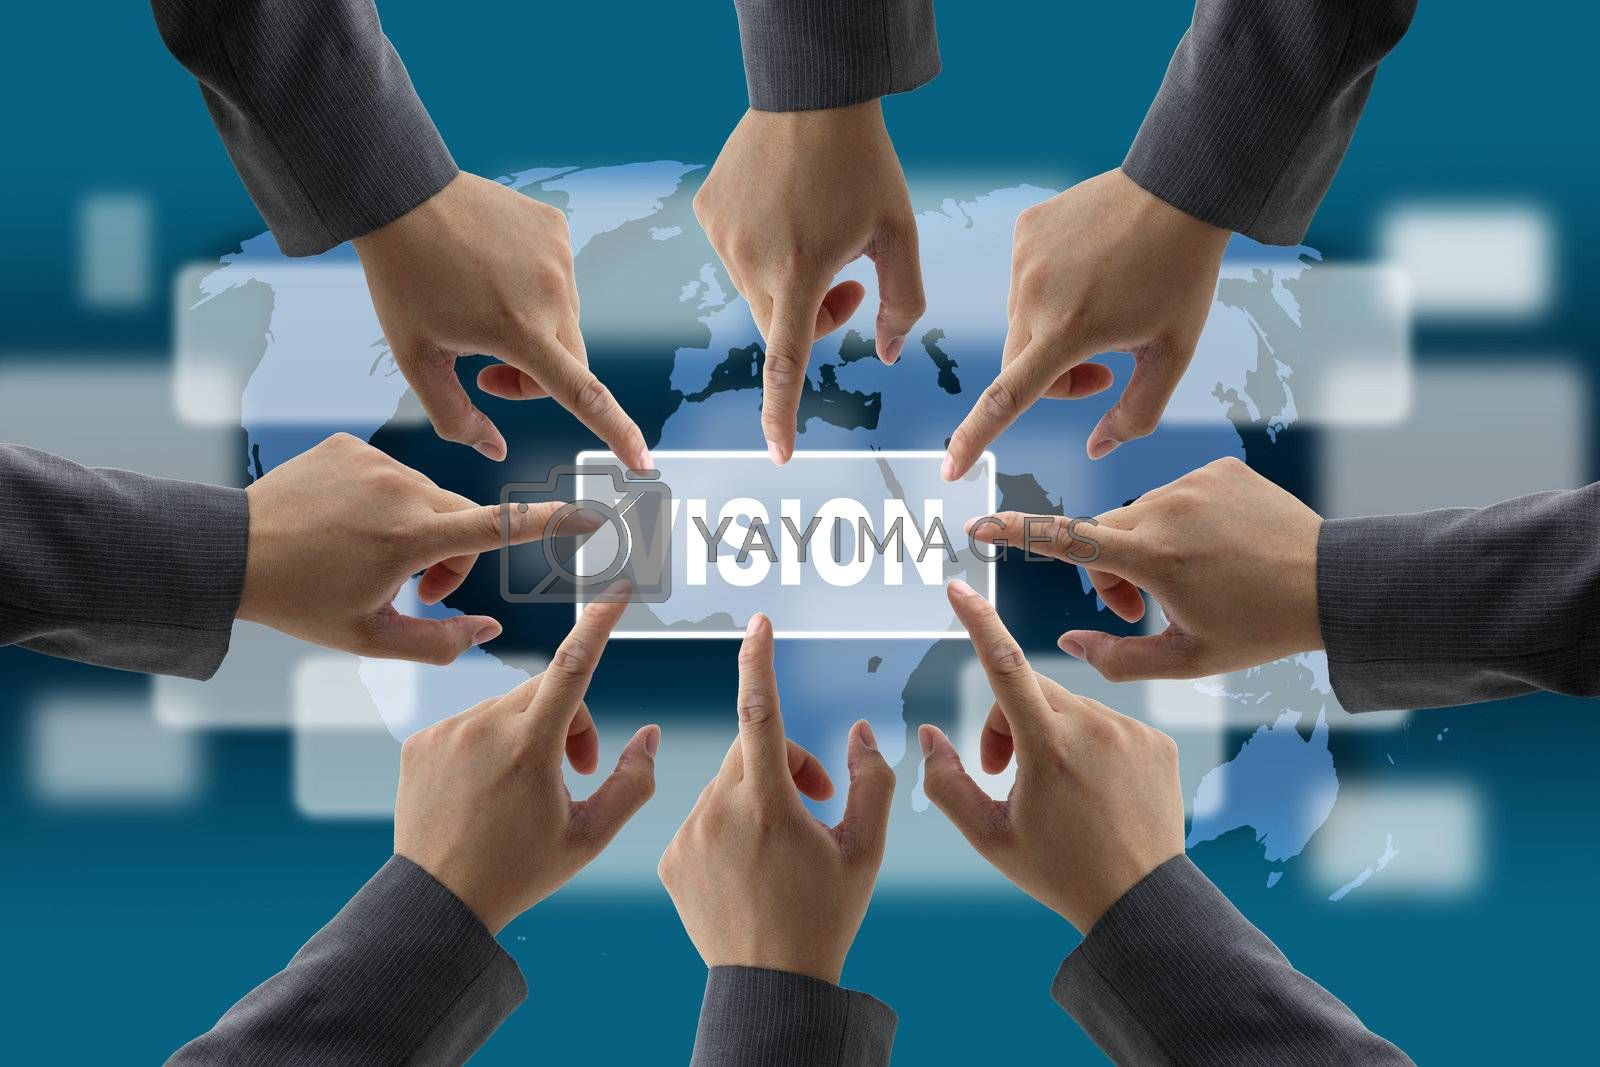 A diverse business teamwork do World vision technology